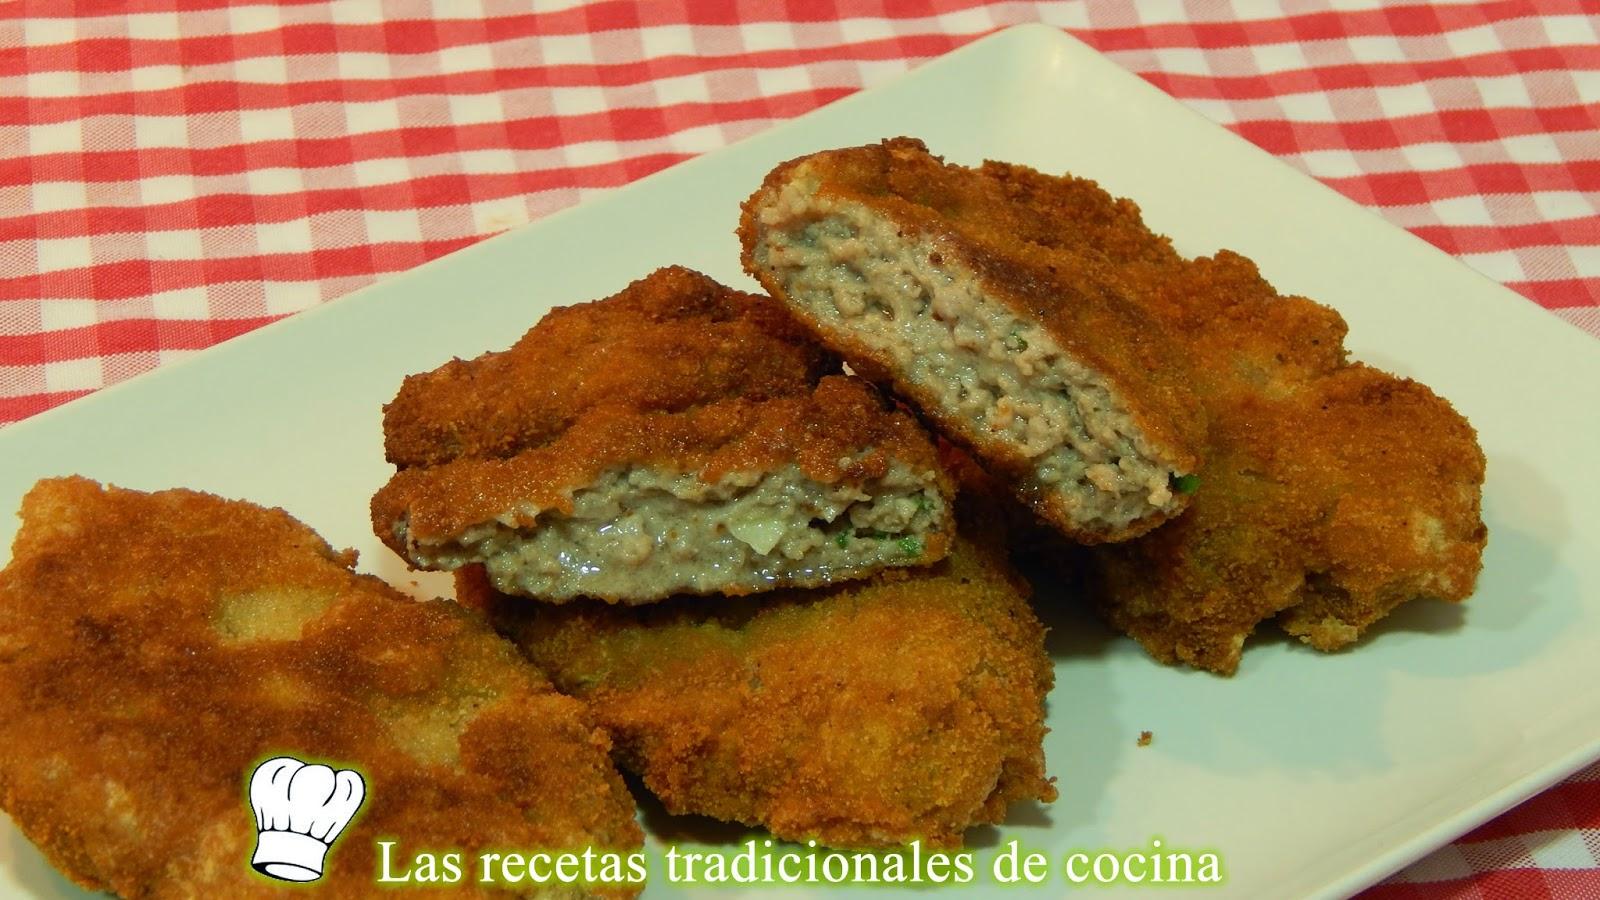 Receta de filetes rusos Recetas de cocina con sabor tradicional